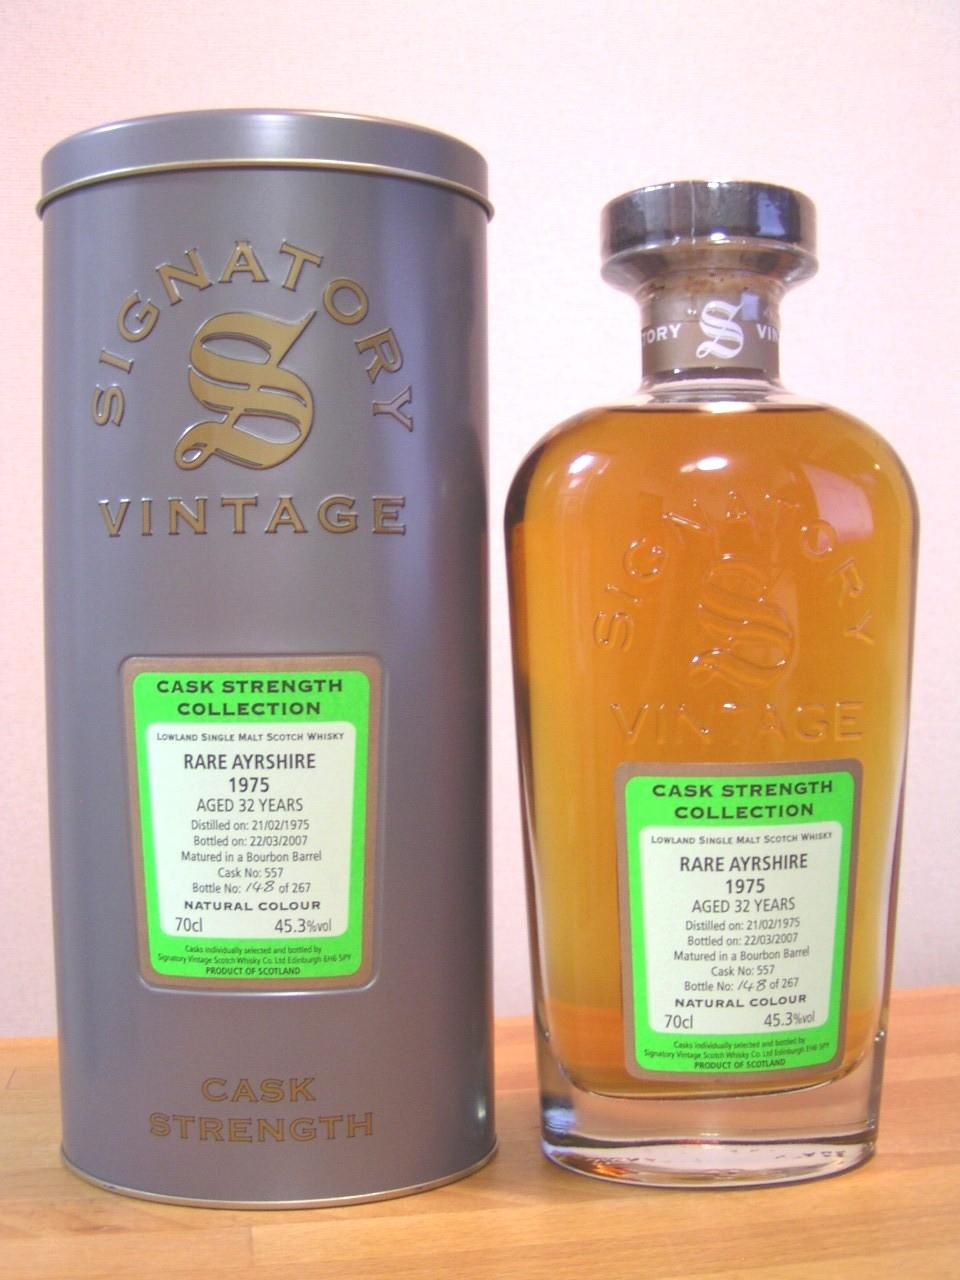 「レディバーン」シグナトリー・ヴィンテージ社のシングルカスク・カスクストレングスでのボトリングです。Signatory Vintage Cask Strength Collection 1975  AYRSHIRE 32y  46° 700ml (LADYBURN) Cask No 556 265 Bottles